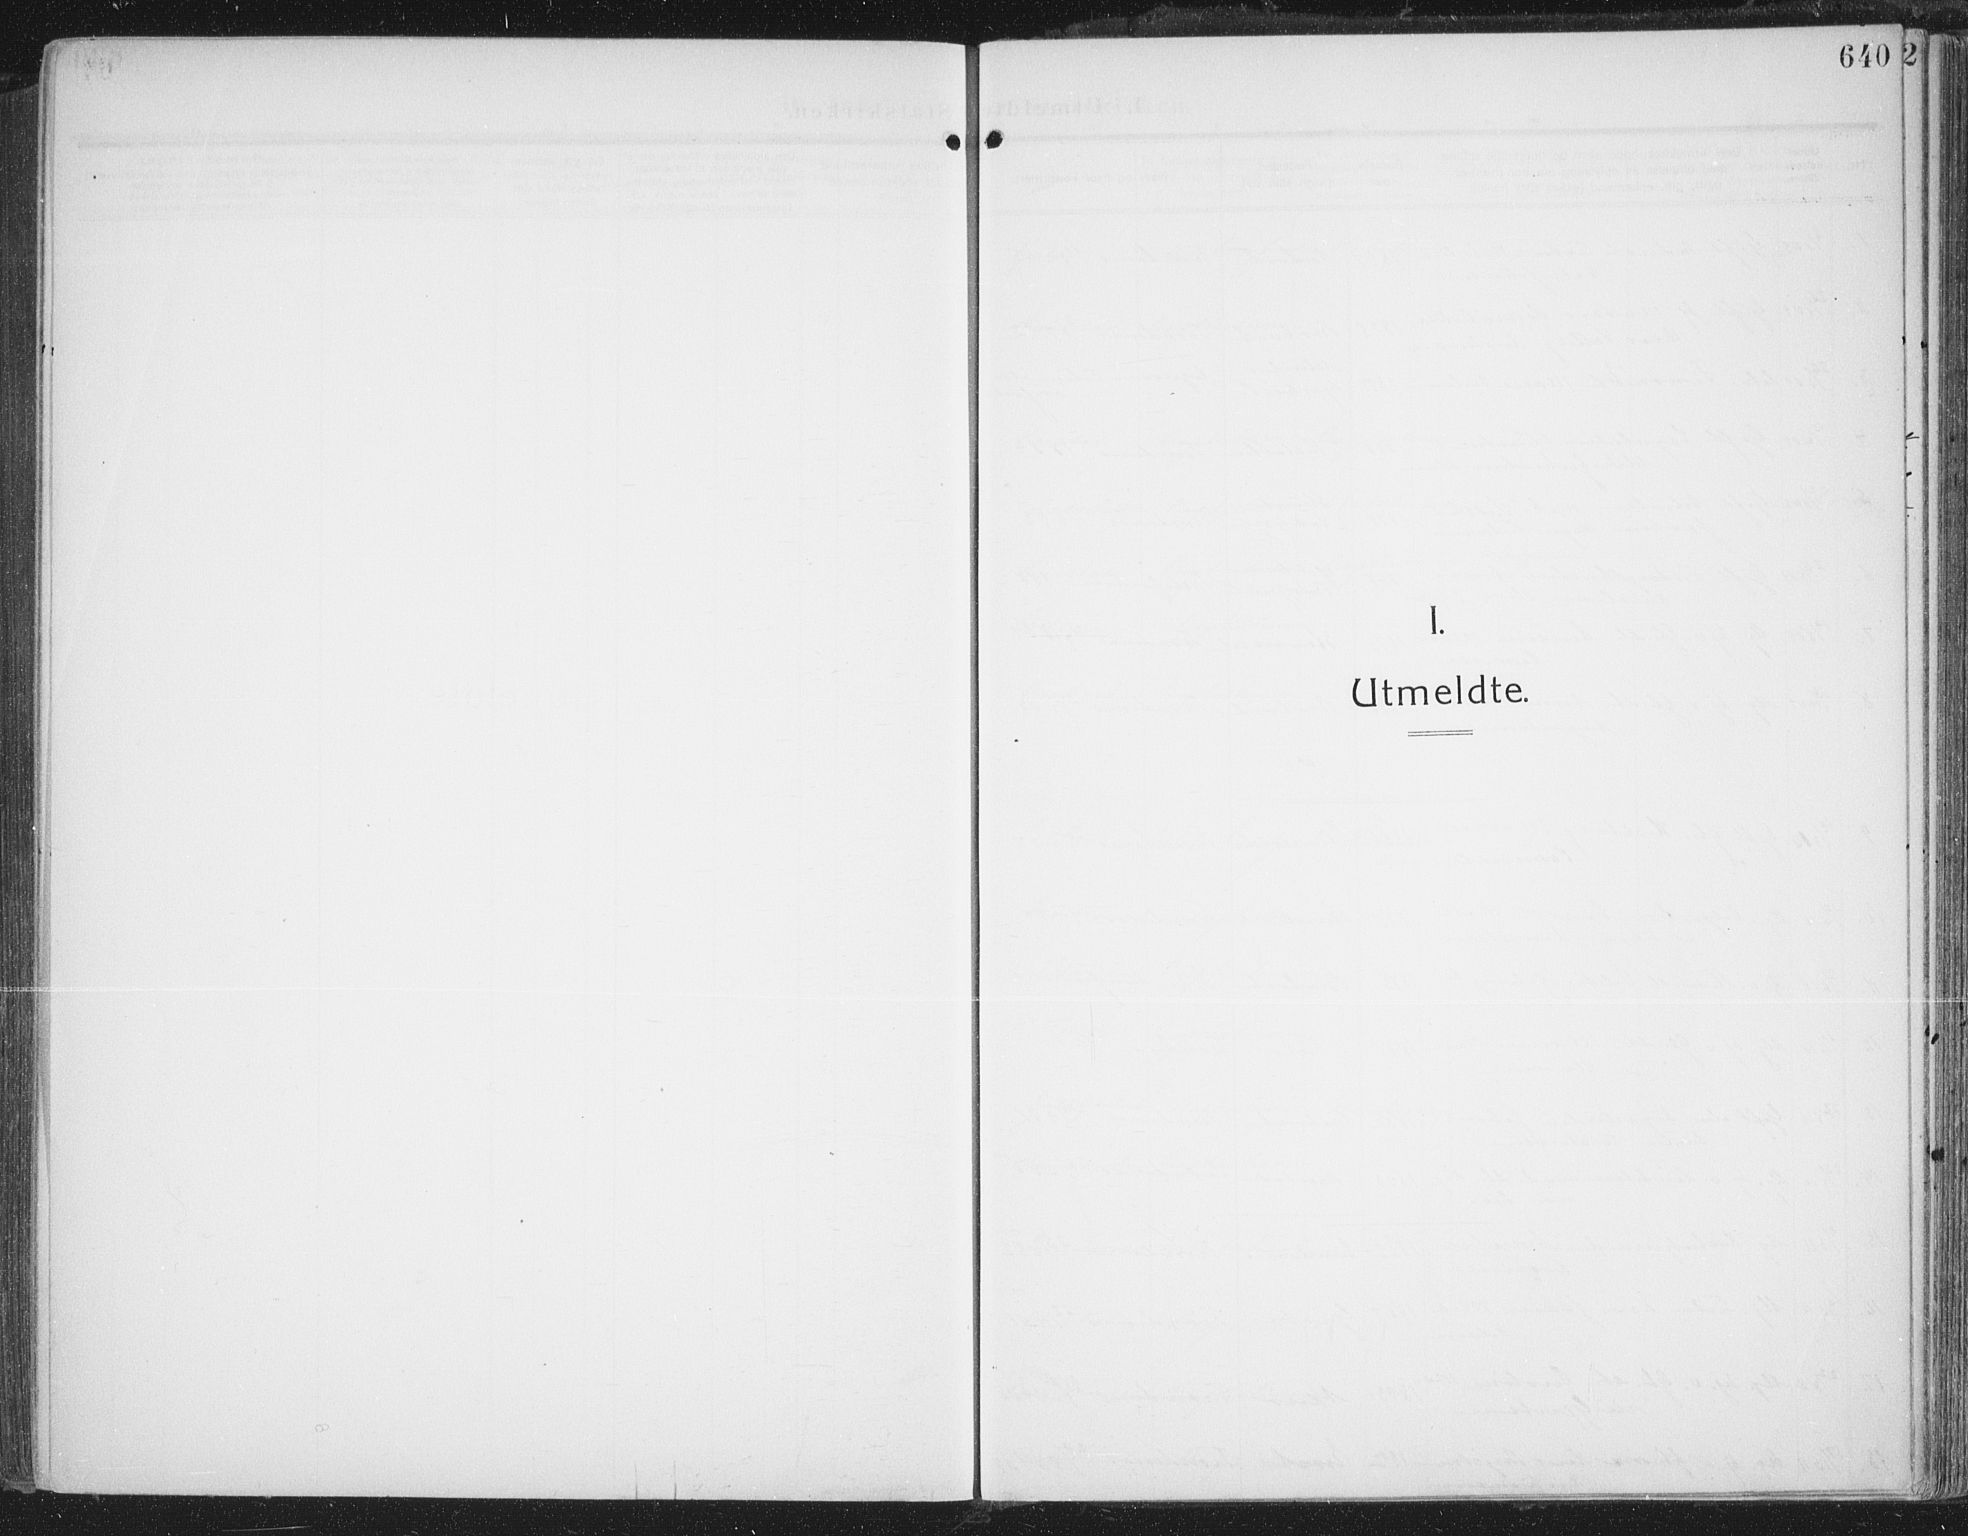 SATØ, Trondenes sokneprestkontor, H/Ha/L0018kirke: Ministerialbok nr. 18, 1909-1918, s. 640